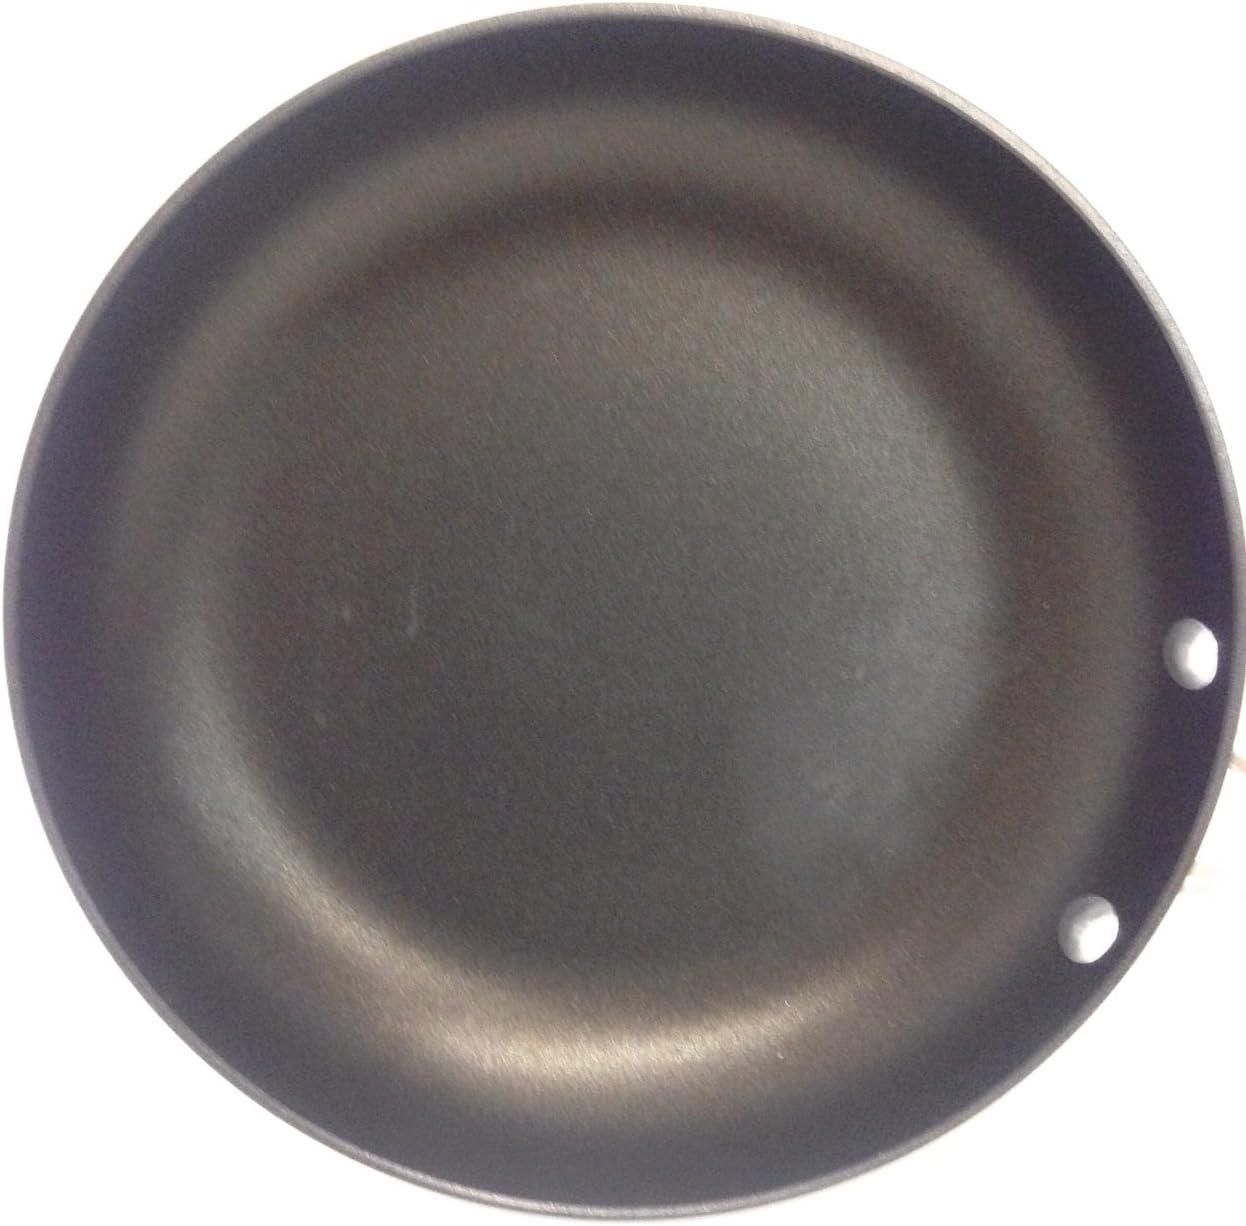 Calphalon Classic Nonstick 5-Piece Cookware Set